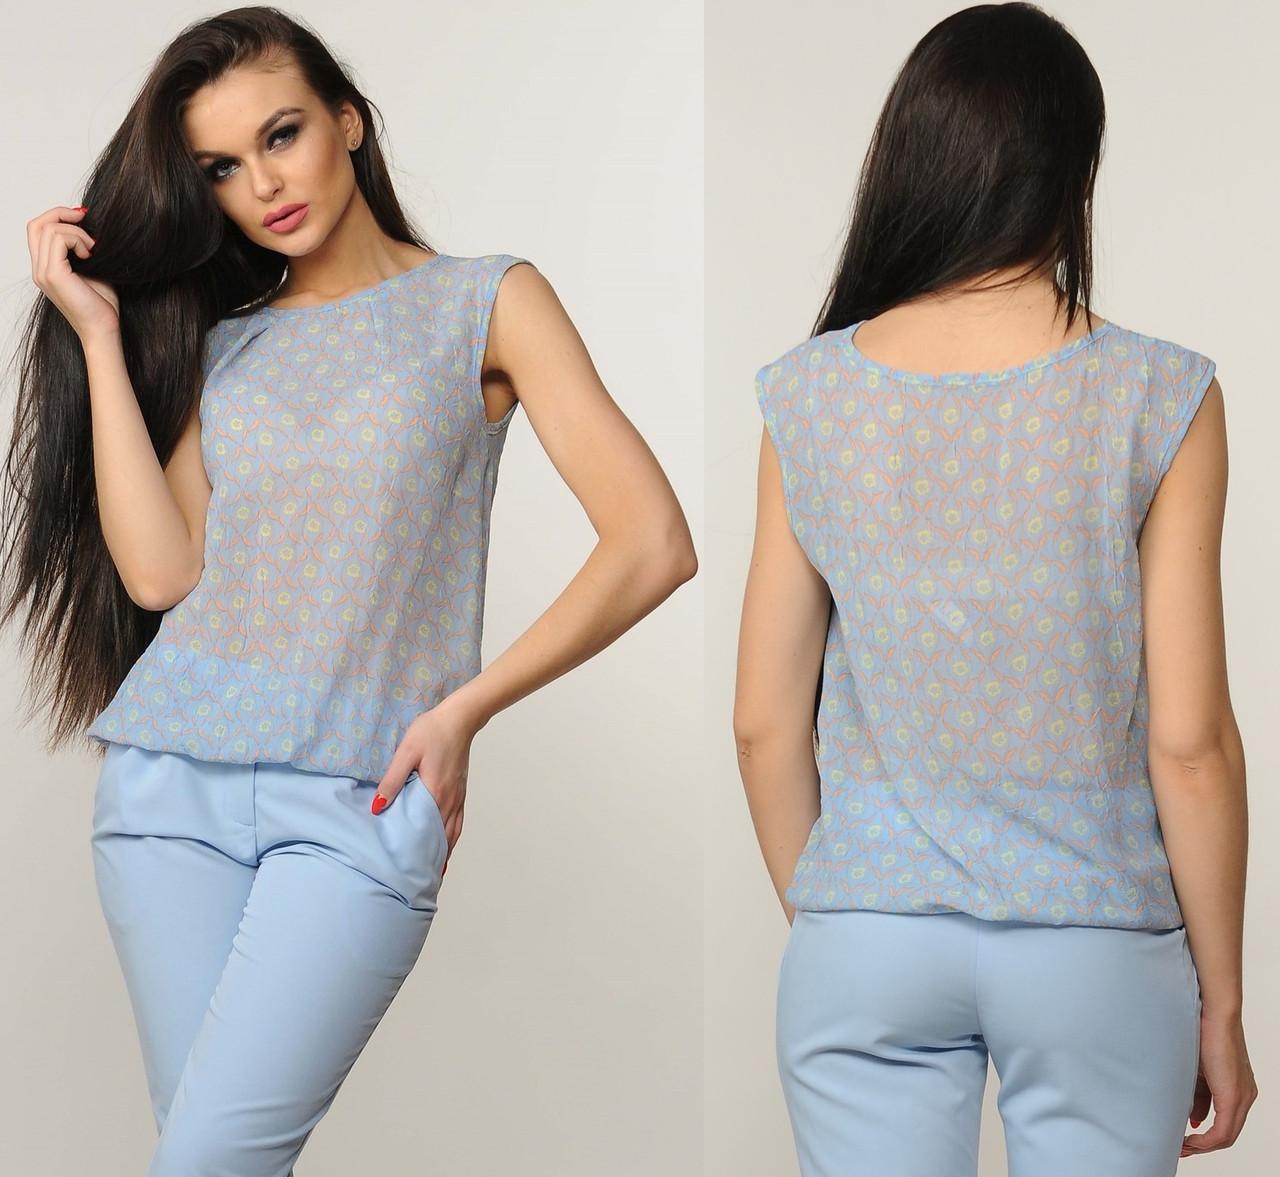 864fa1d68a3 Блузка женская шифоновая нарядная блуза трикотажная летняя - Интернет  магазин Sport-sila.com.